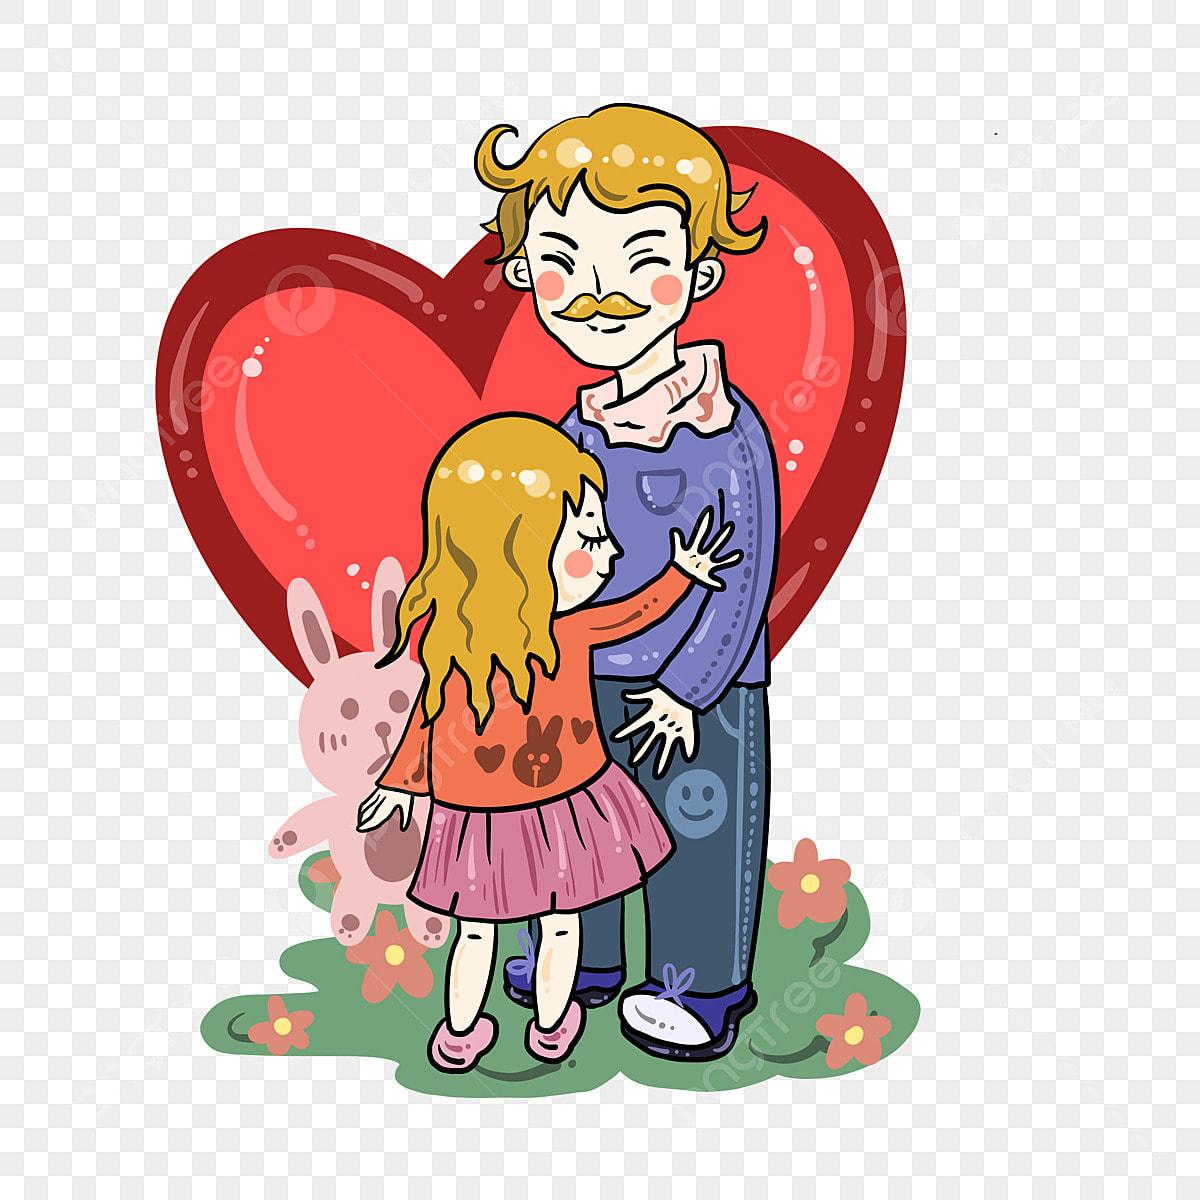 Gambar Cute Lukisan Tangan Ayah Dan Anak Perempuan Bentuk Interaktif Penjagaan Anak Perempuan Png Dan Psd Untuk Muat Turun Percuma